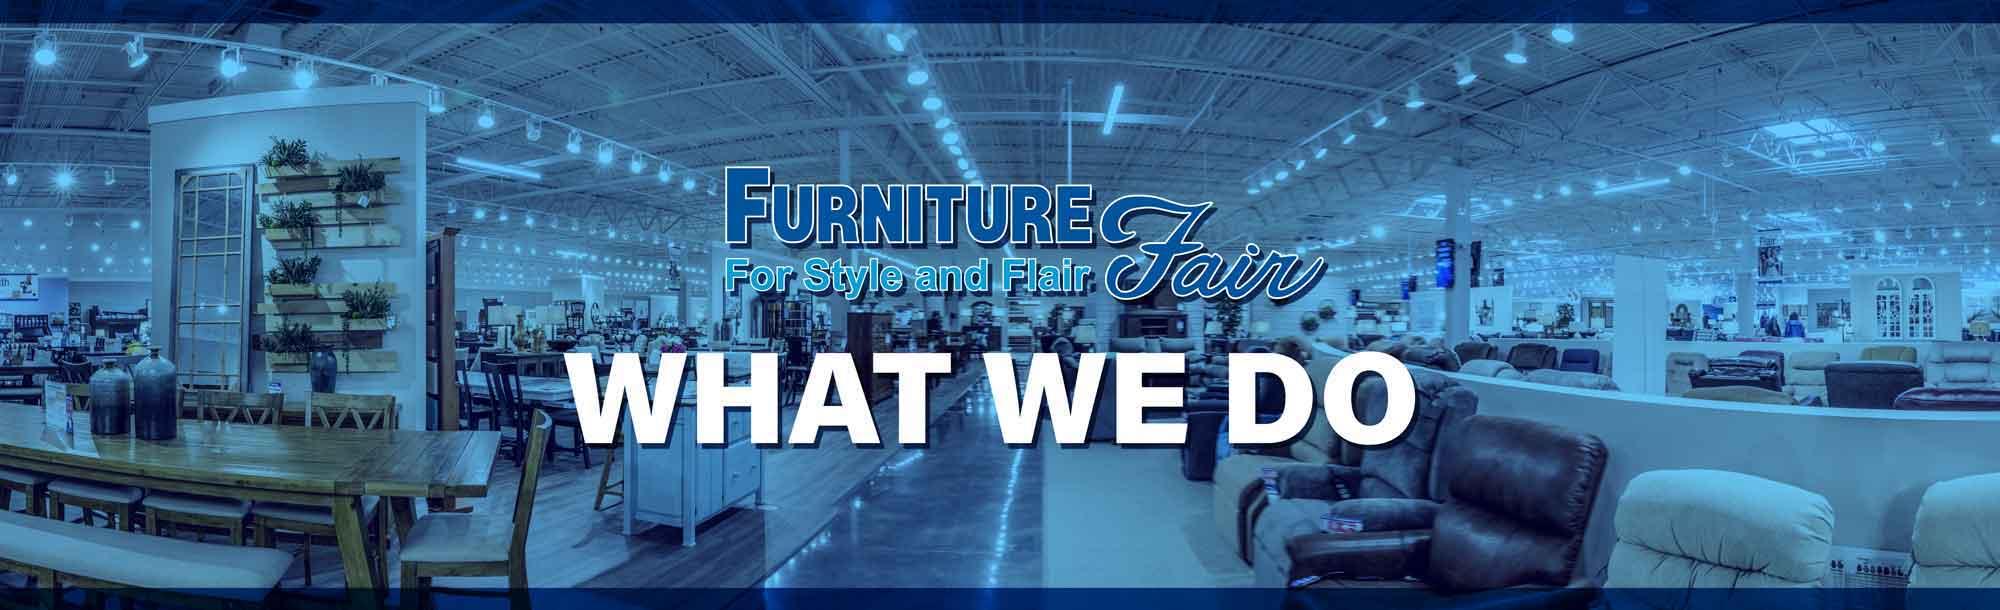 What Does Furniture Fair Do?